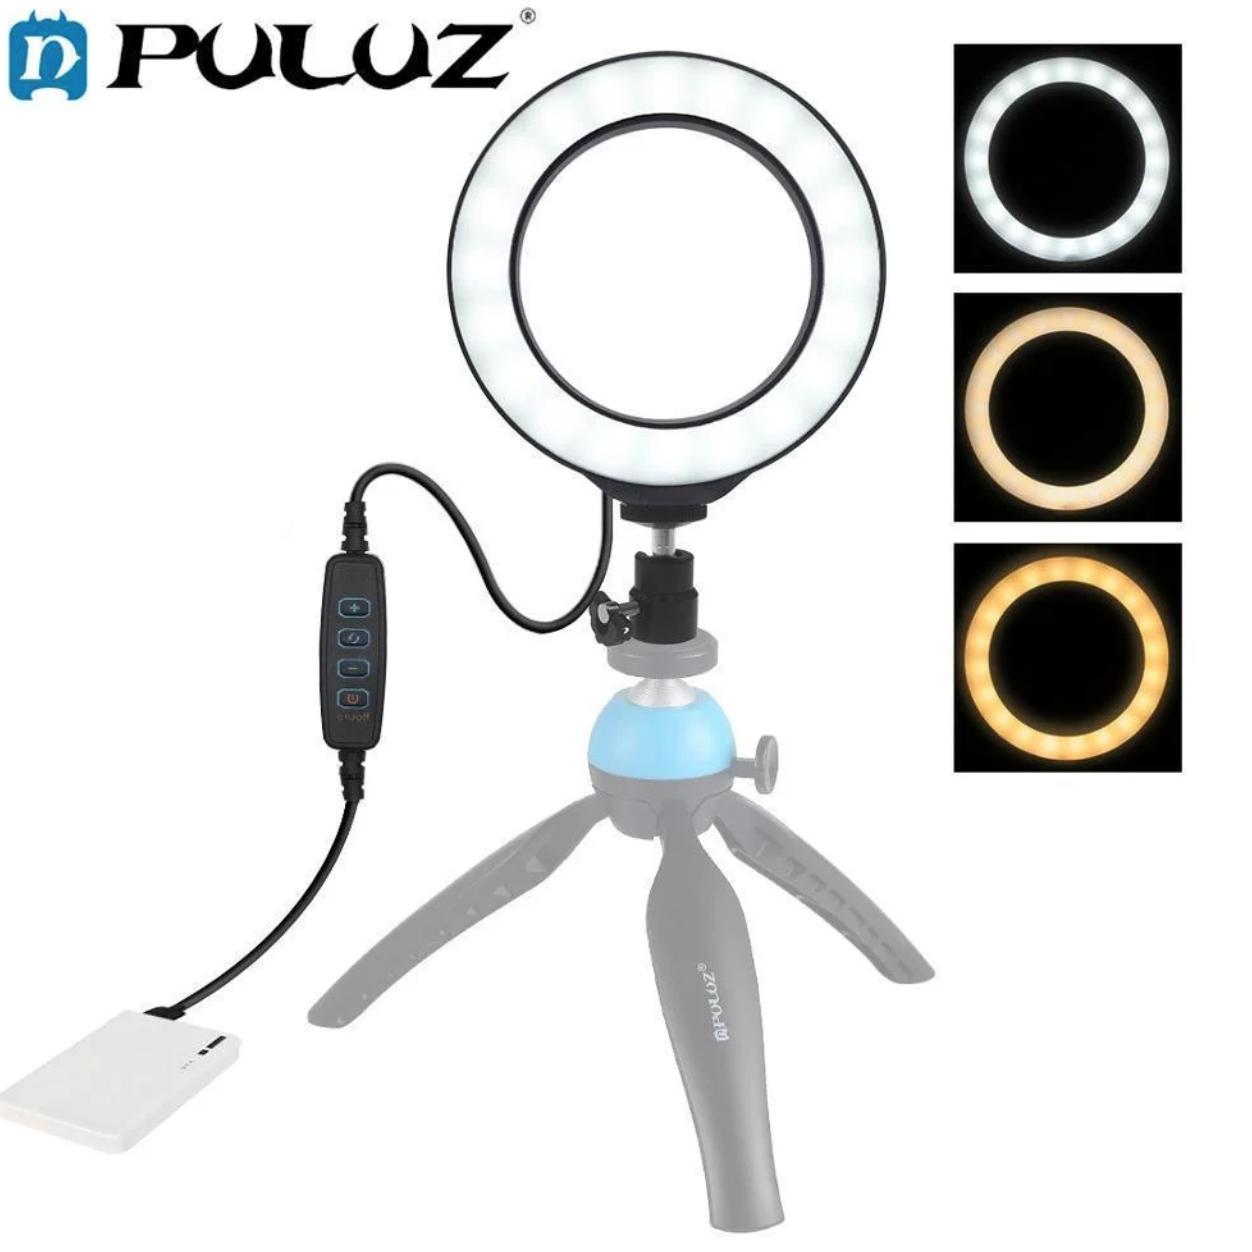 Кольцевая лампа для бьюти мастеров и блогеров (16 см. диаметр) - БЕЗ ШТАТИВА! (световое кольцо)